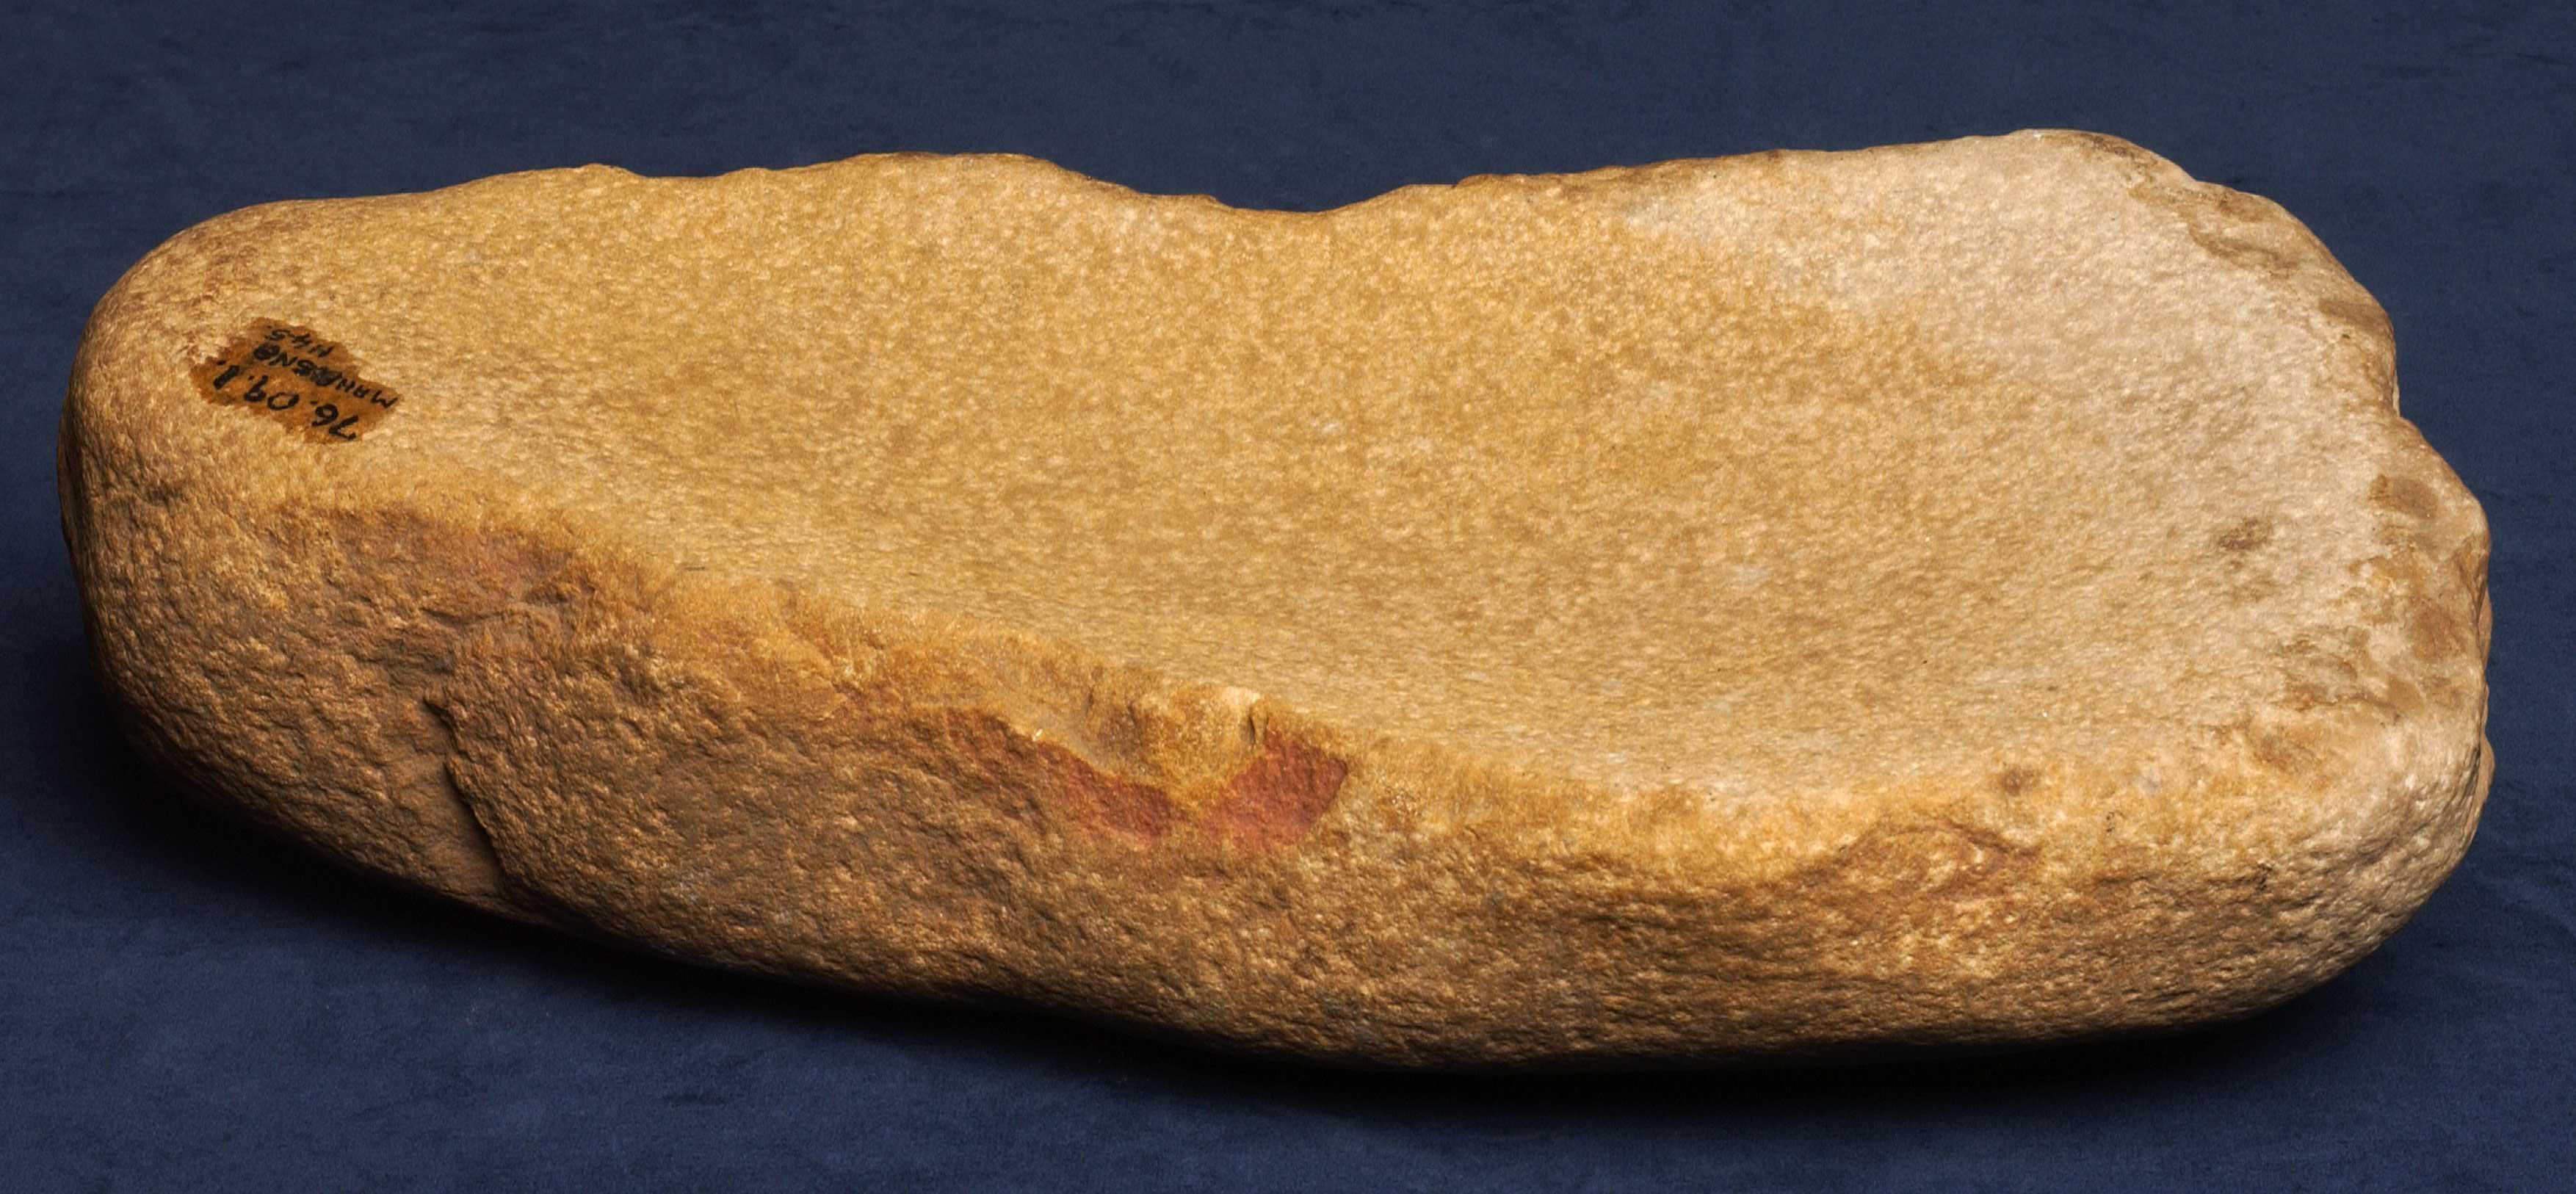 Saddle stone